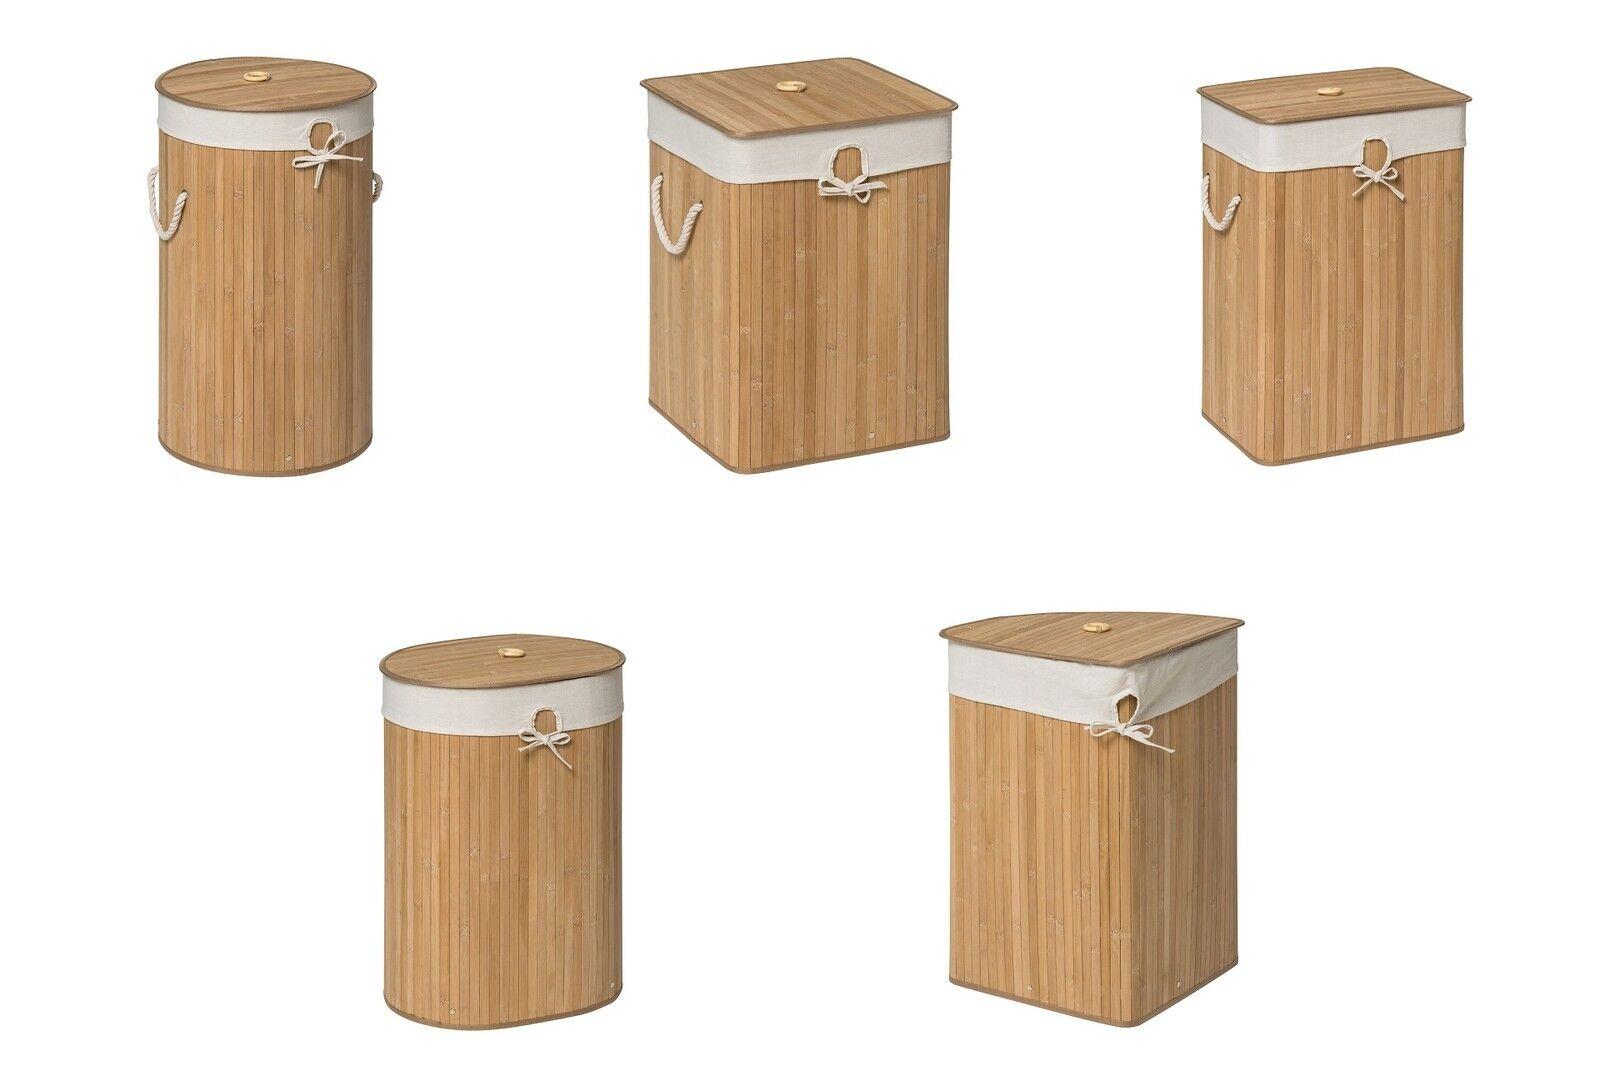 NYAOLE Holz Balancen-Skala Spielzeug Kinder Mathe-Lehrmittel Kindergarten Early Education Wiegen Spielzeug f/ür Kleinkind-Jungen-M/ädchen